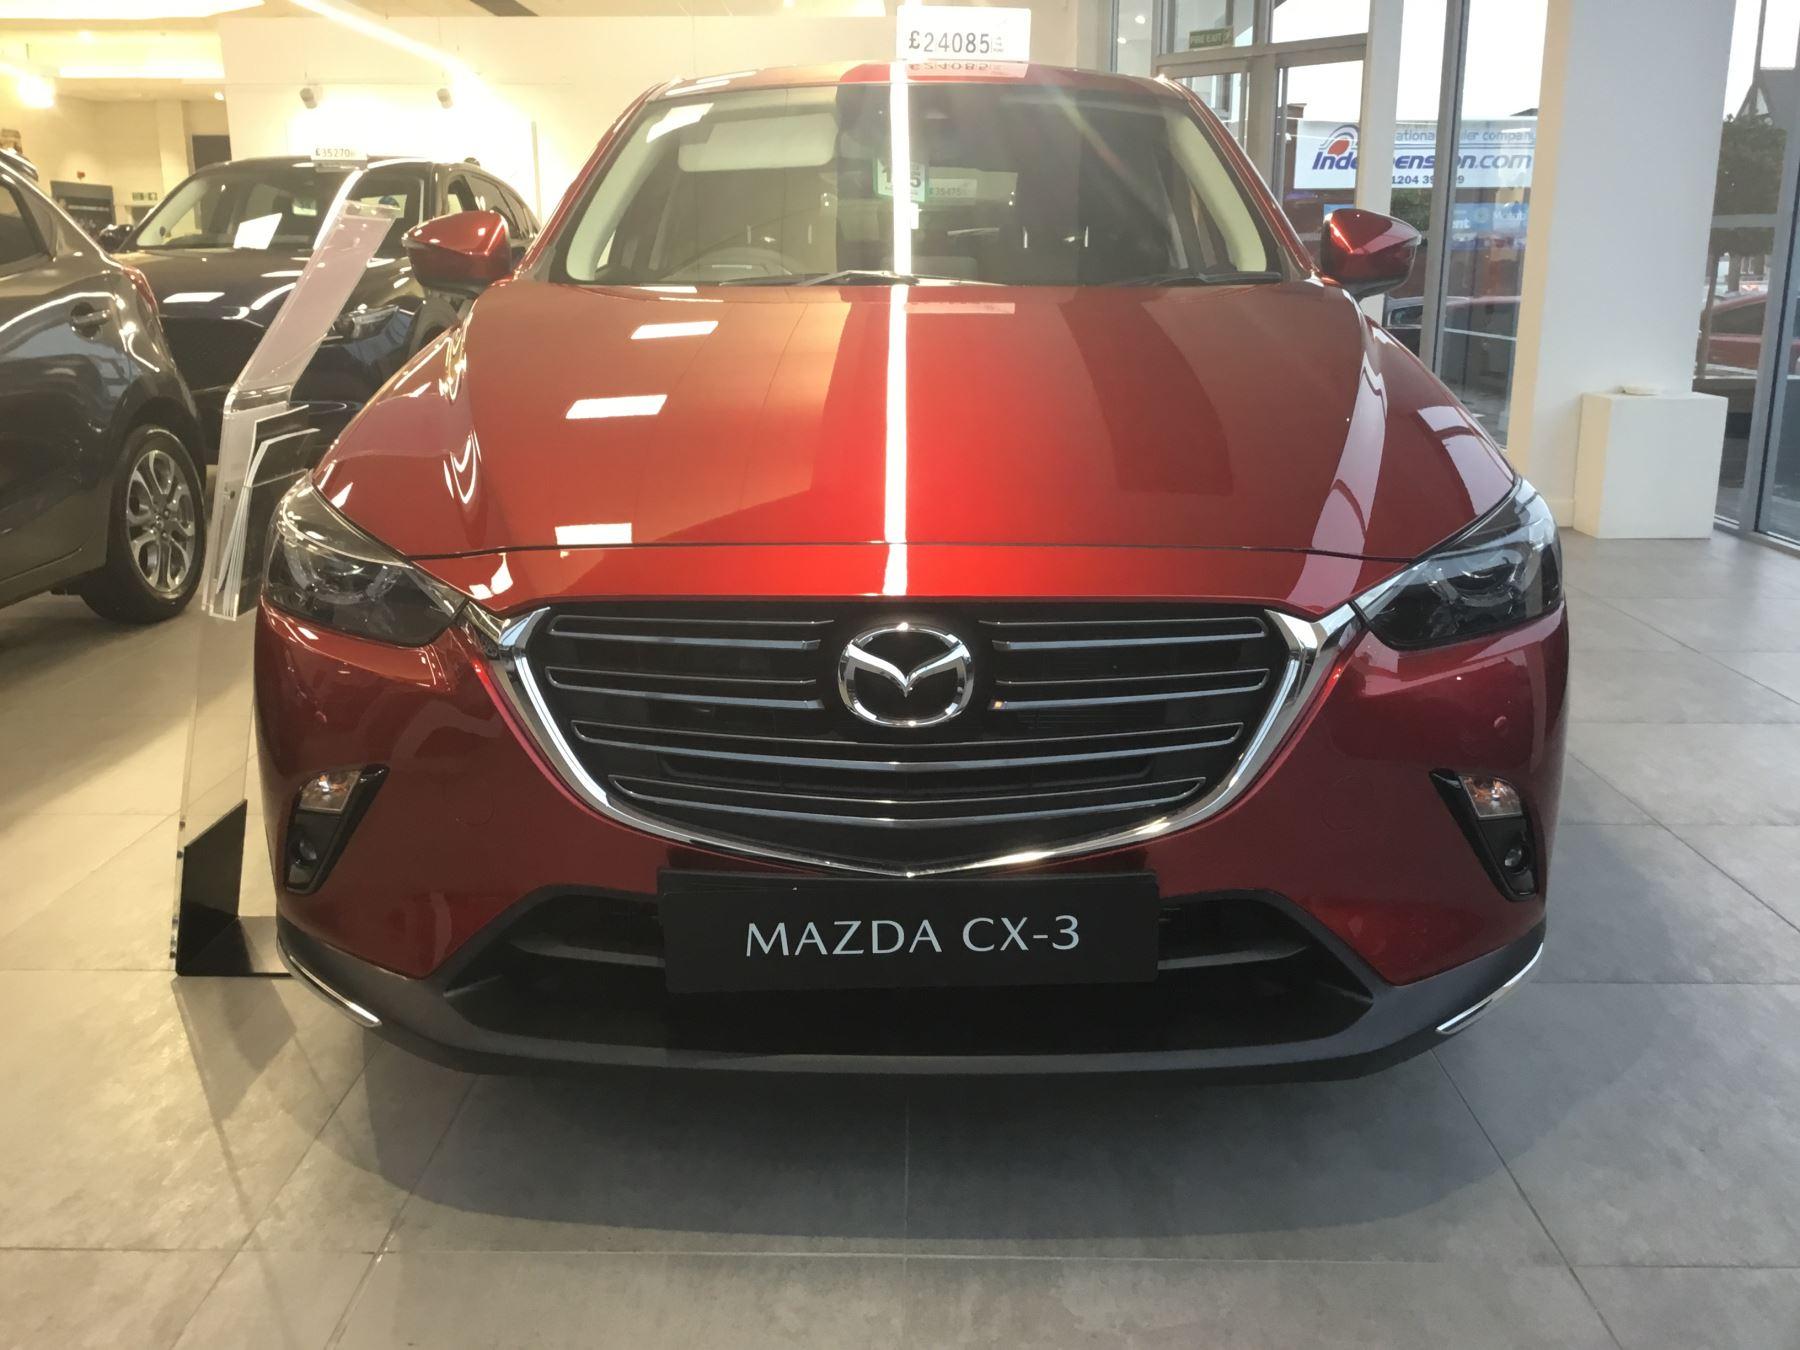 Mazda CX-3 1.8d Sport Nav + image 2